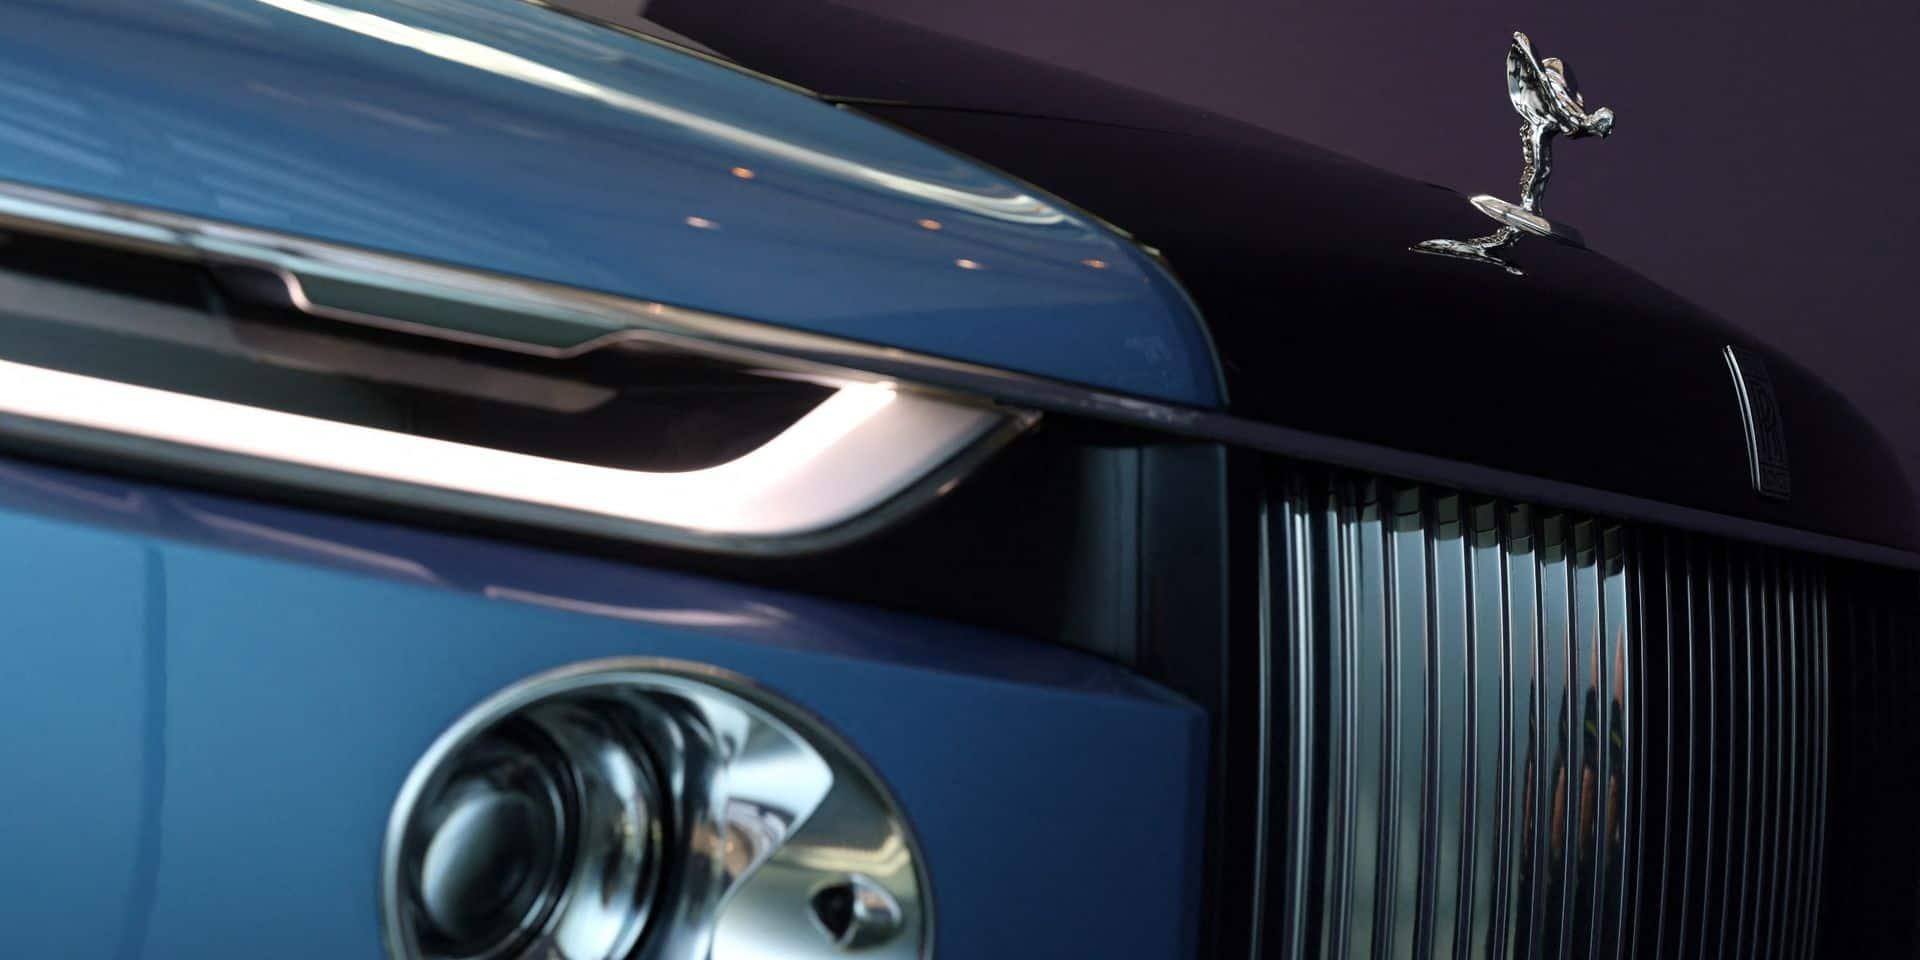 Lamborghini, Ferrari, Rolls-Royce... : le marché des voitures de luxe redémarre en trombe